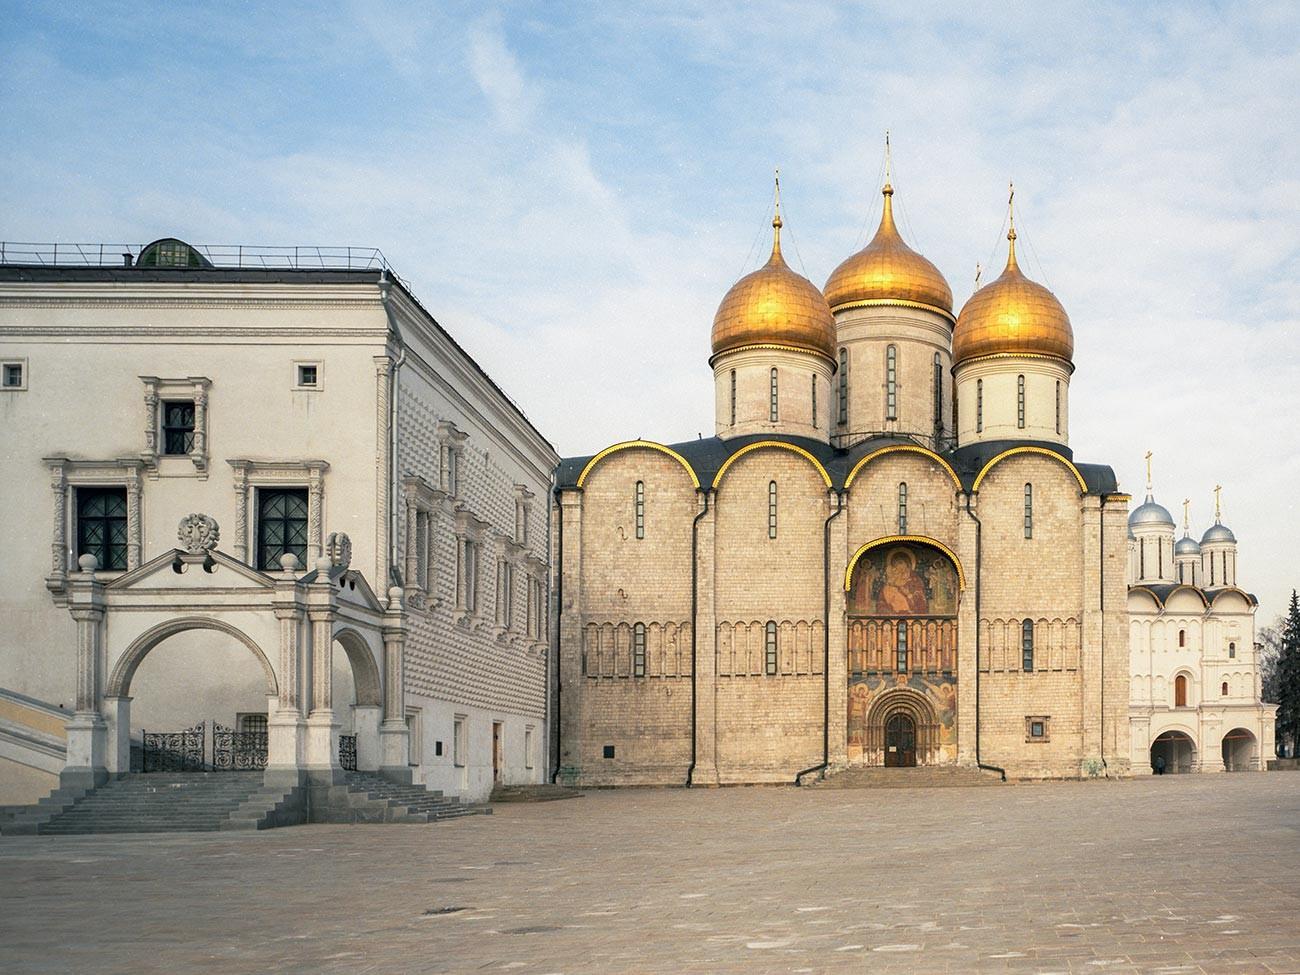 Московски кремљ, друштвено-политички, духовни, историјски и уметнички центар руске престонице. Грановита палата и Успенски храм.